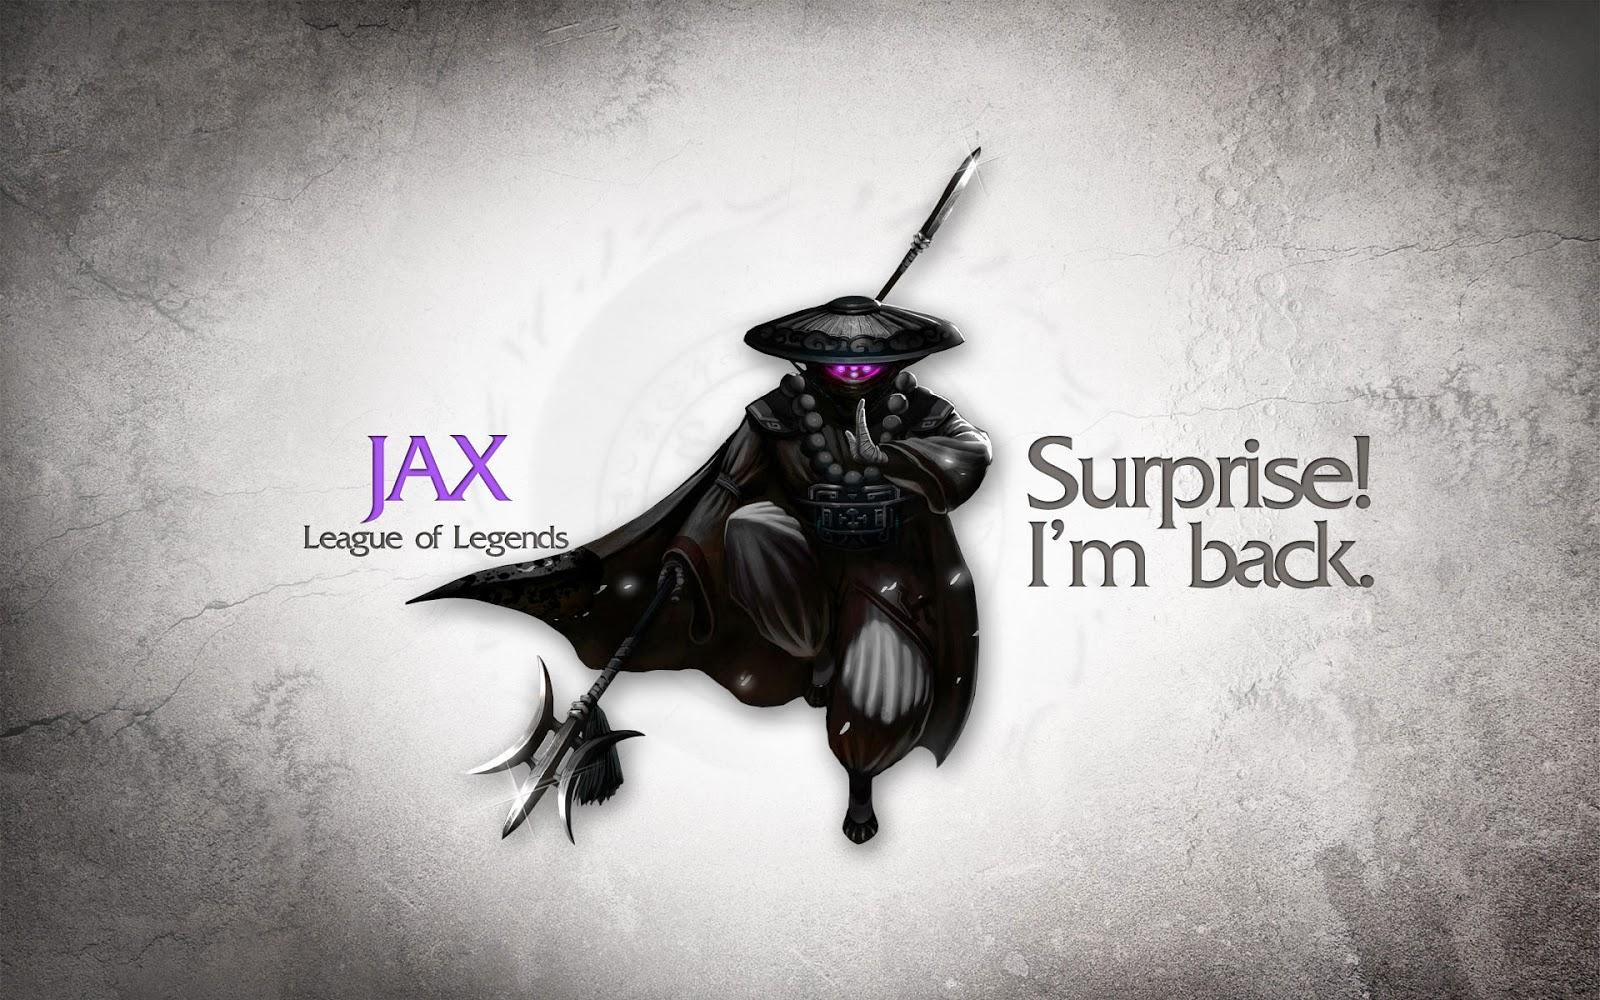 Bộ Ảnh bìa ảnh nền Jax LOL đẹp - Background Jax LOL